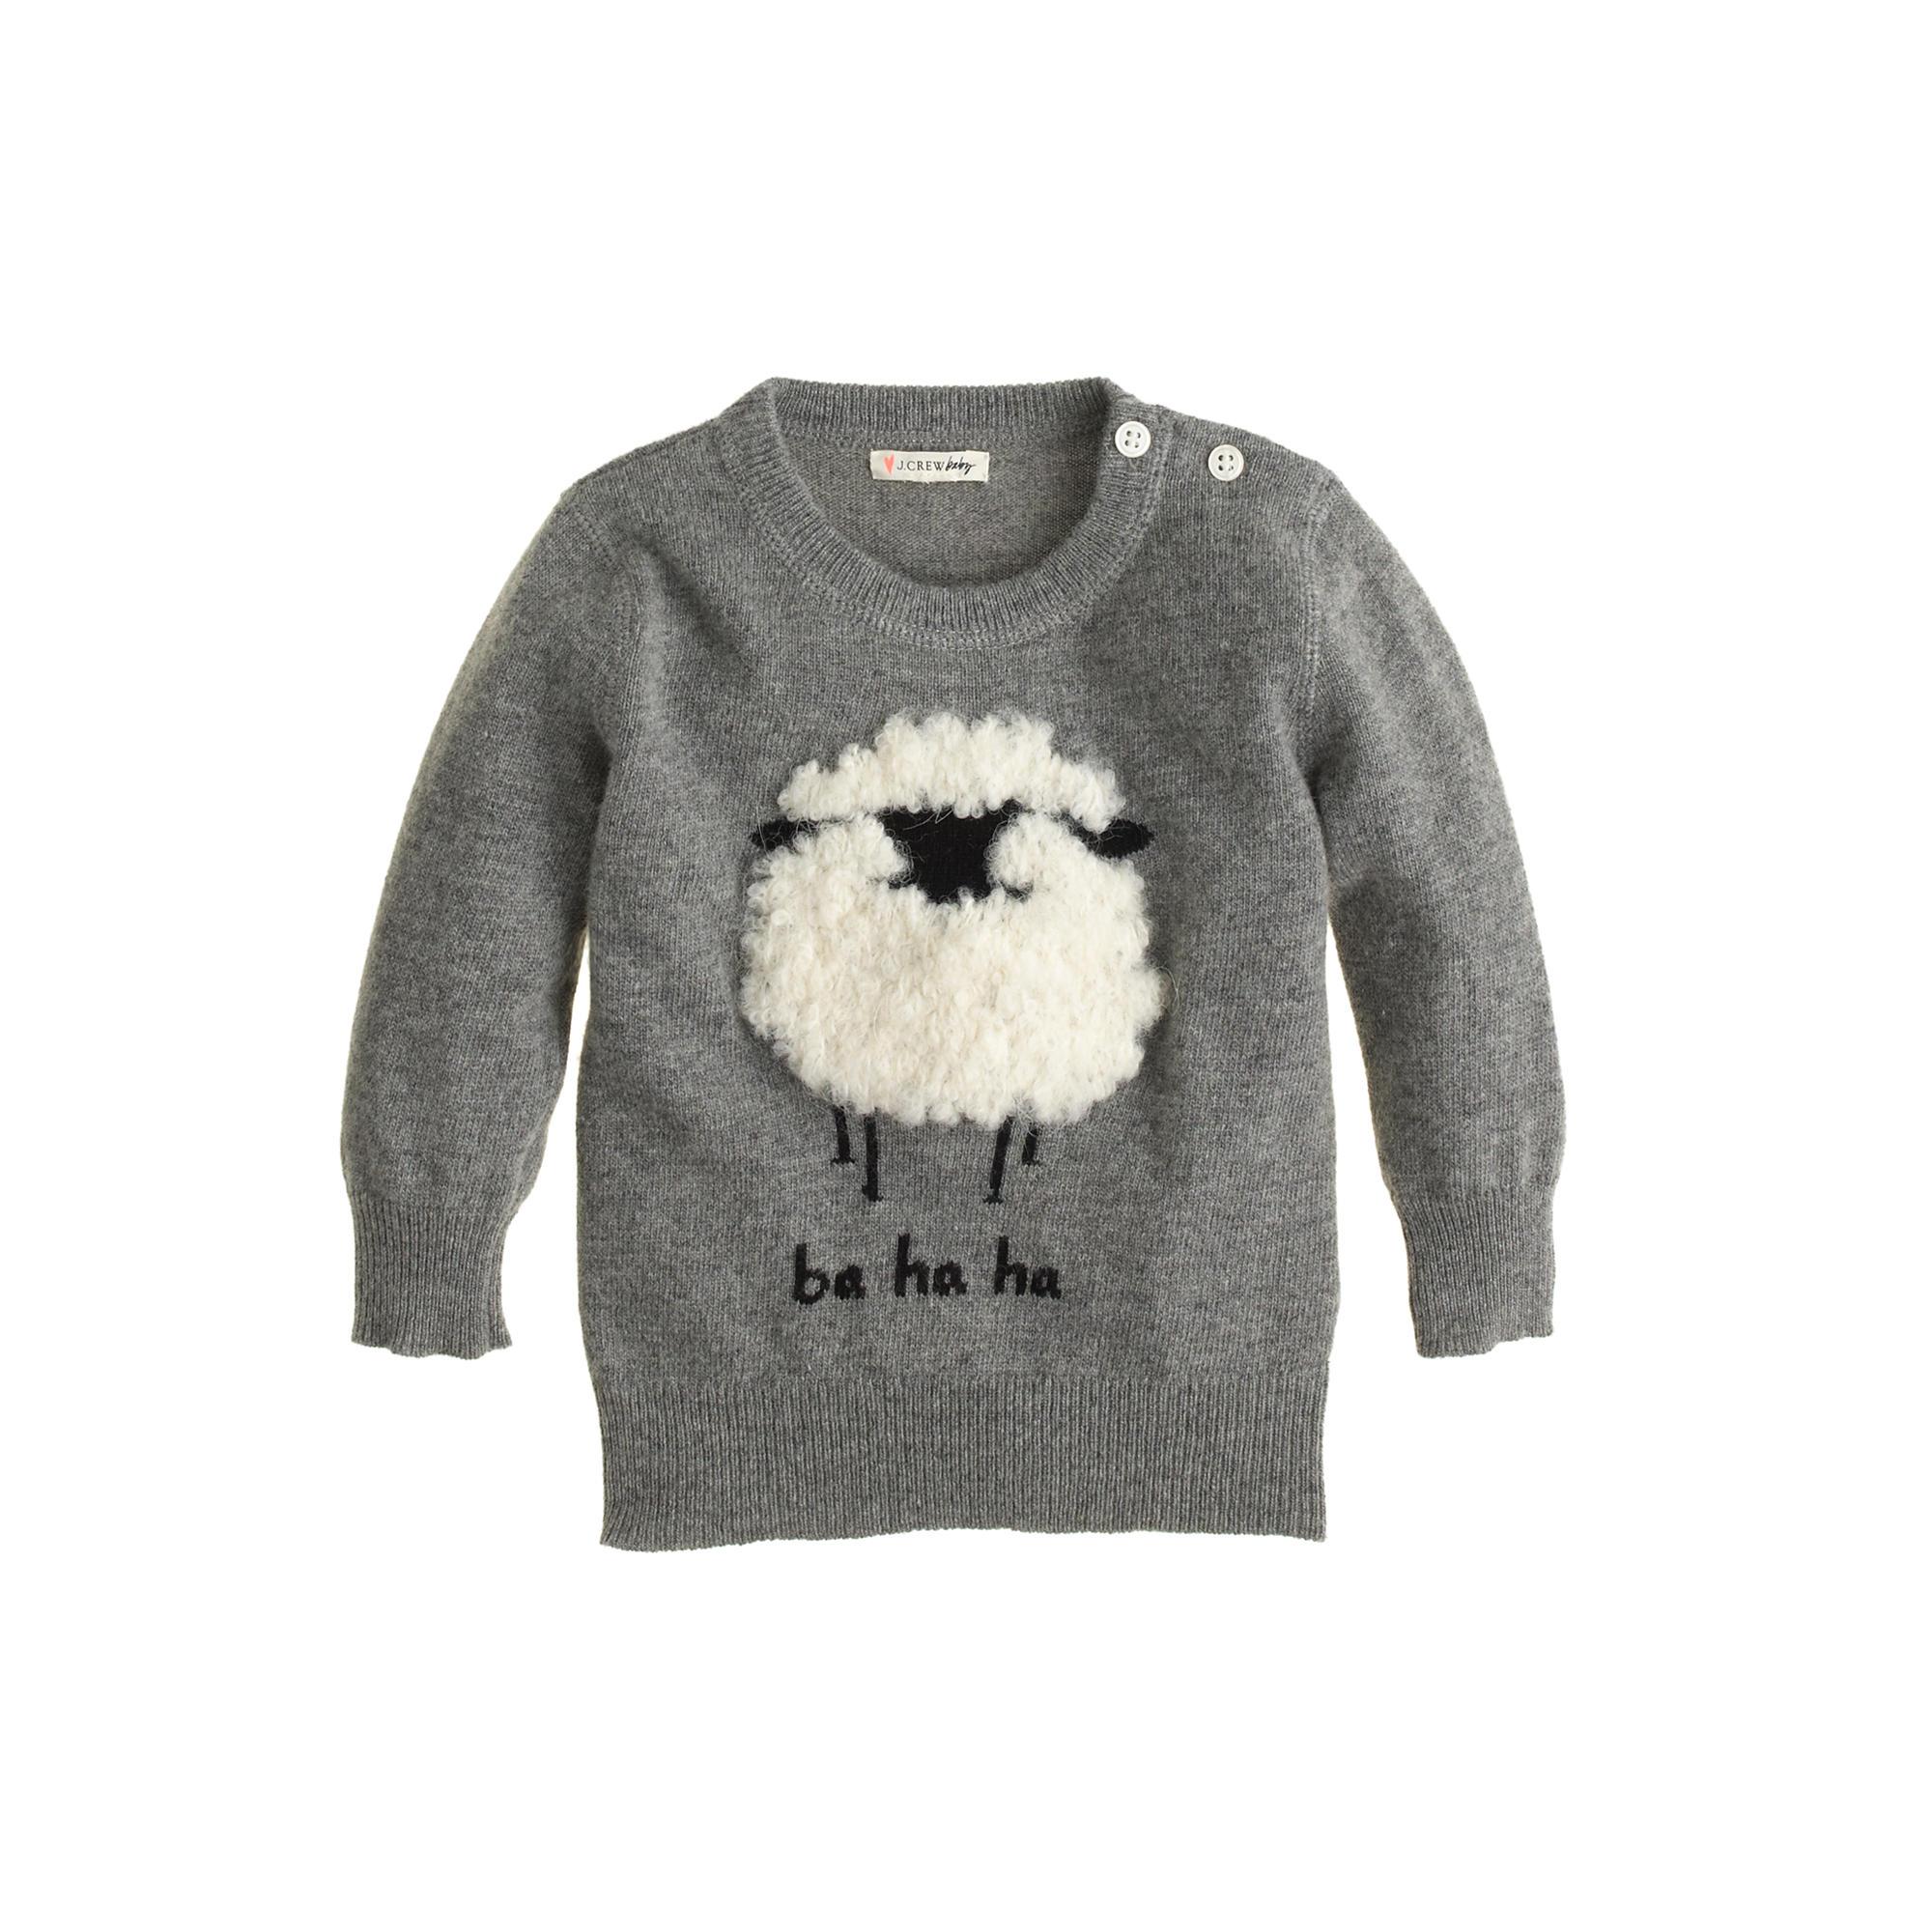 Sheep Knitting A Sweater : Sheep wool sweater lera